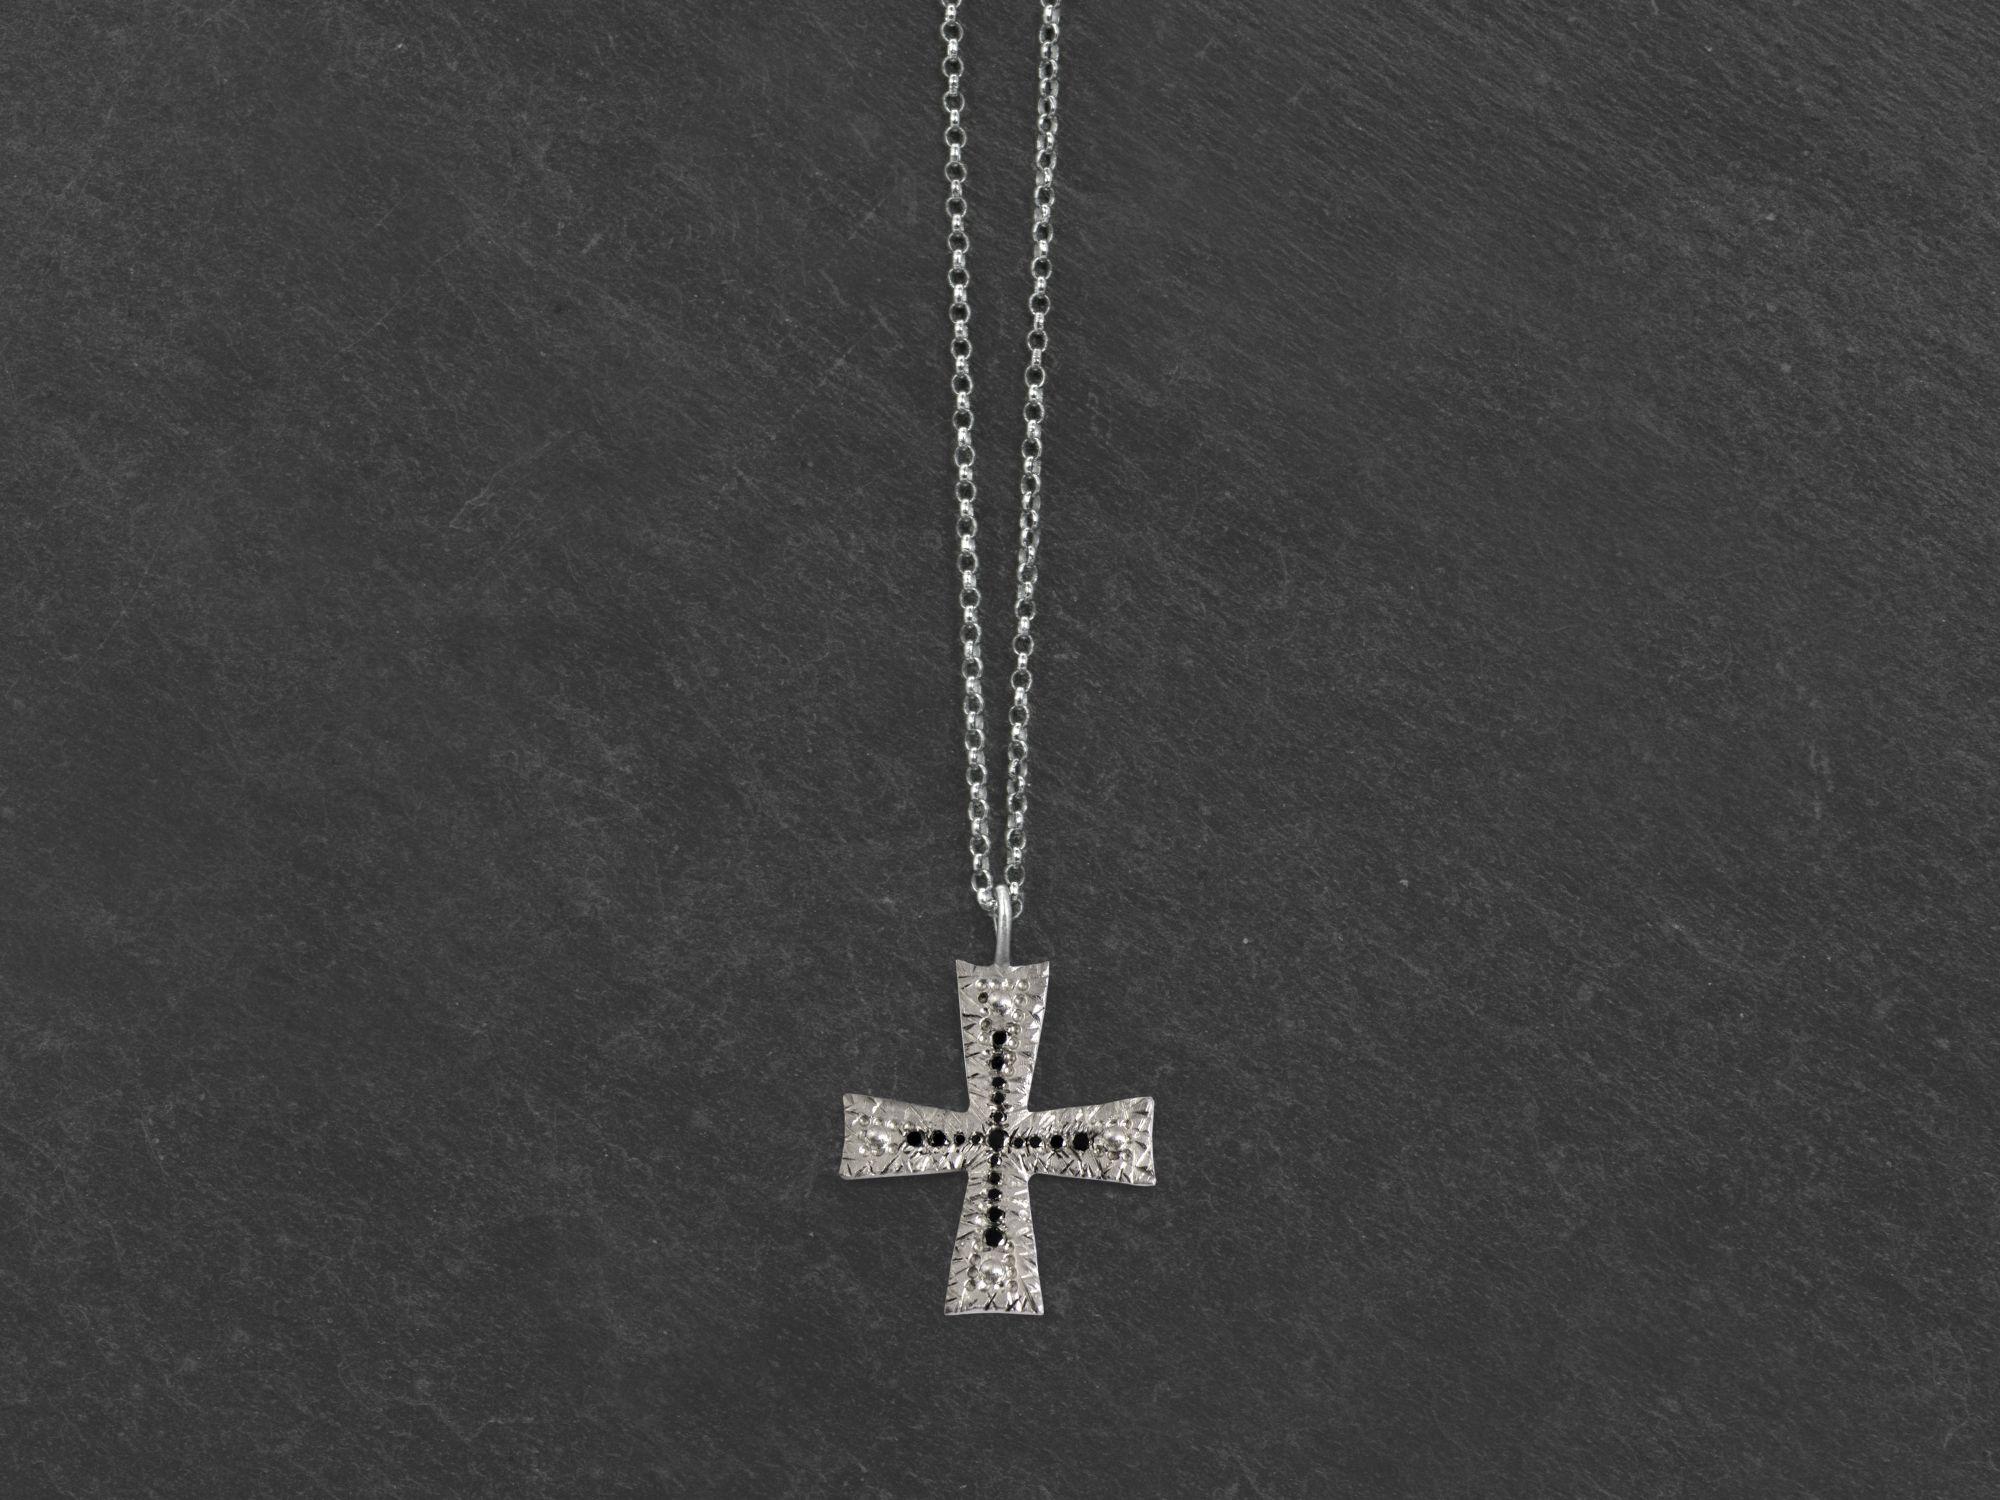 Collier Torcello argent rhodié diamants noirs homme